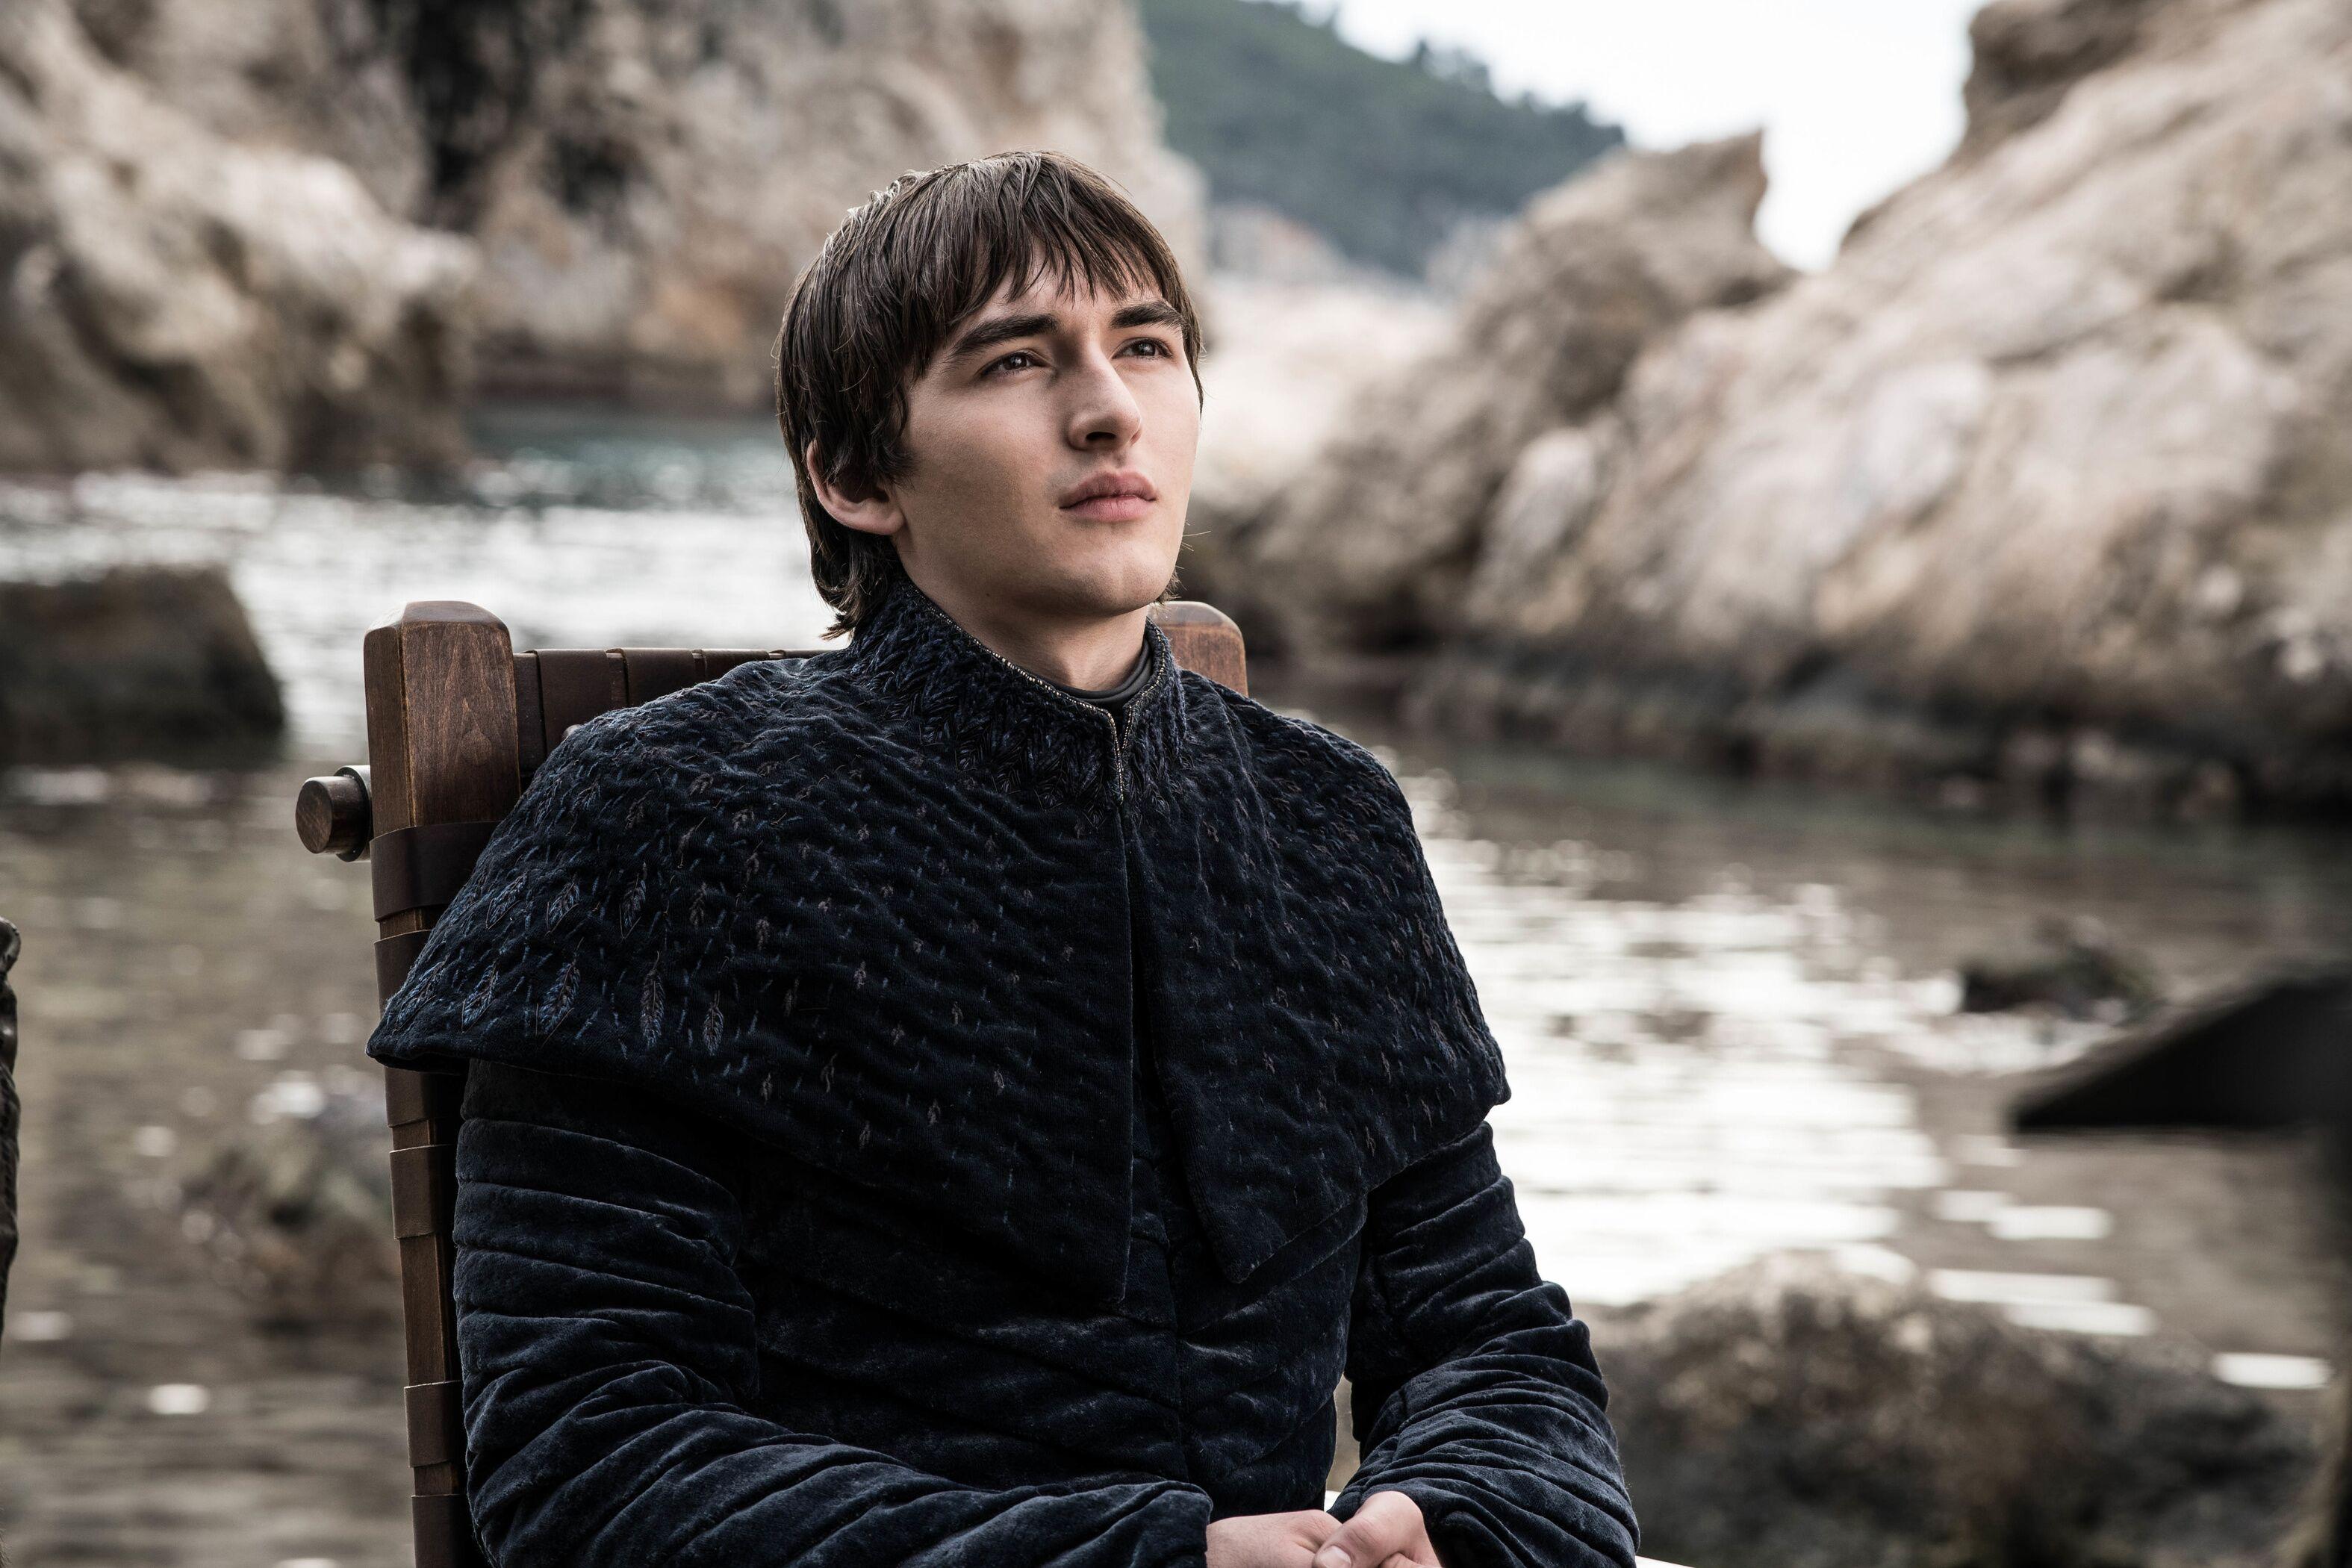 Nữ diễn viên Game of Thrones mắng fan hâm mộ là vô ơn vì đã ném đá mùa phim cuối - Ảnh 3.